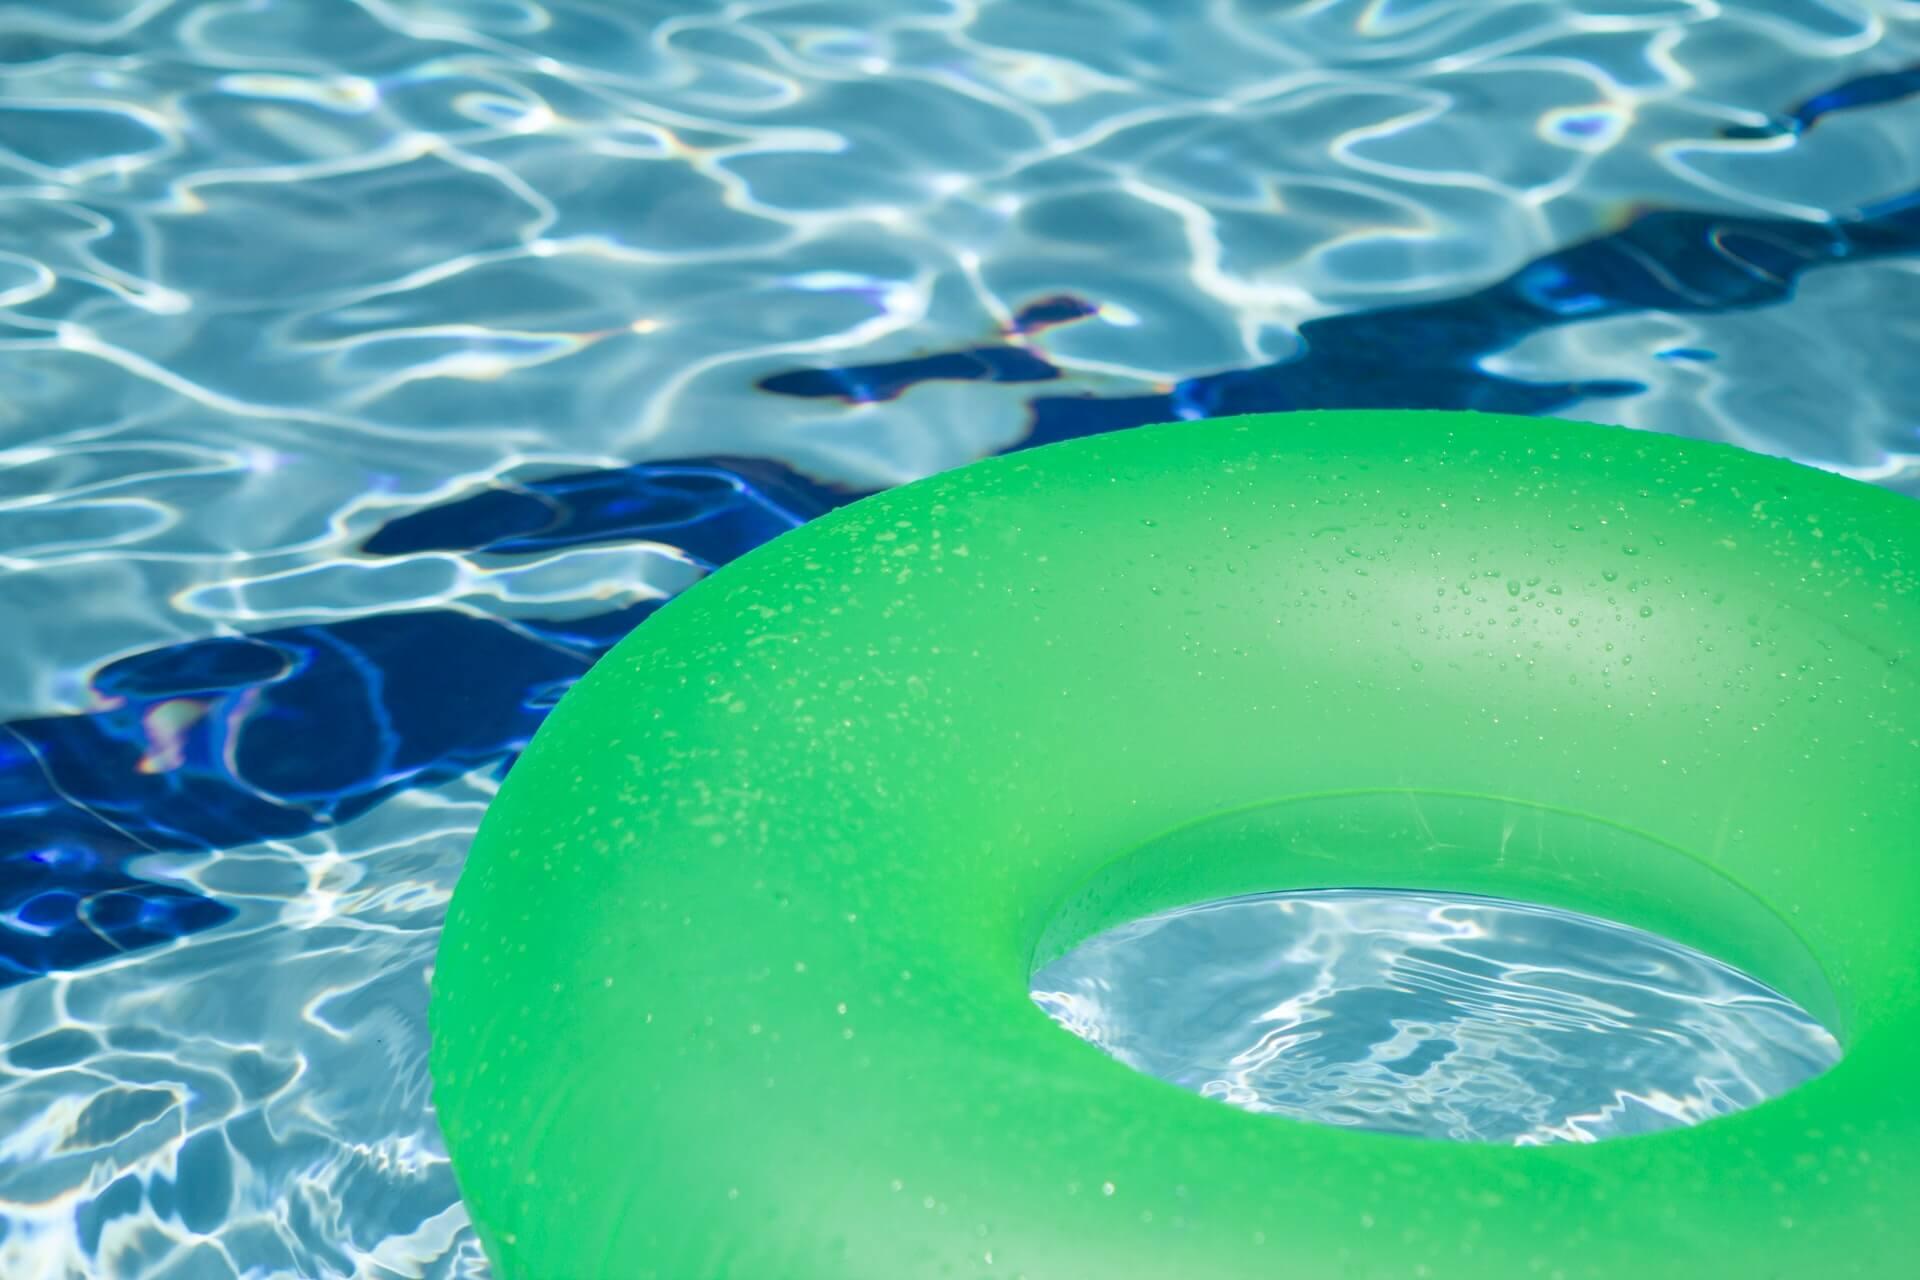 hracky-do-bazena